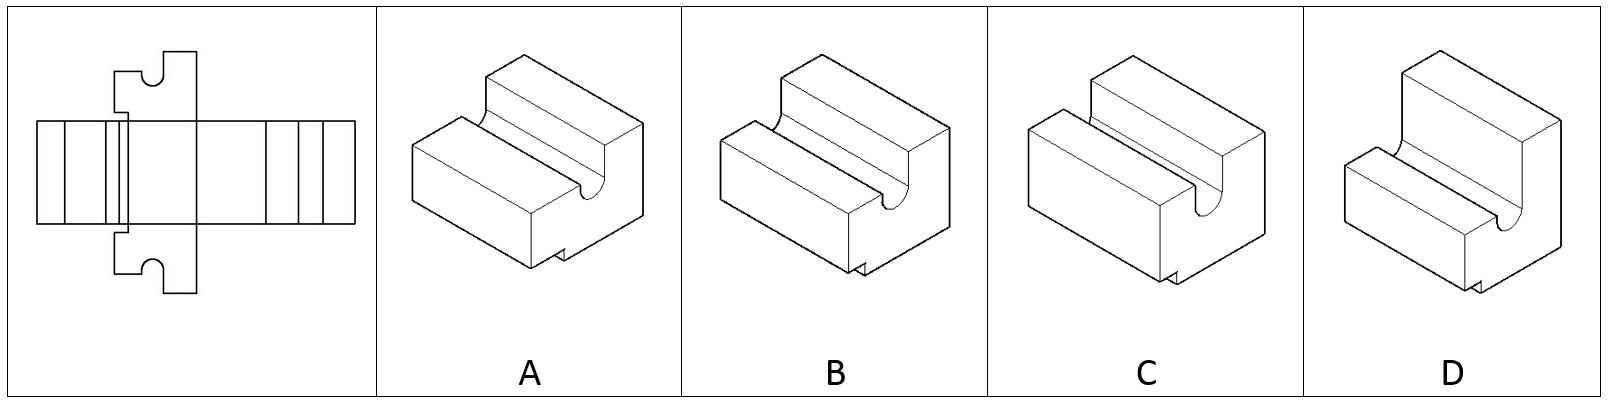 Pattern Folding_free 1